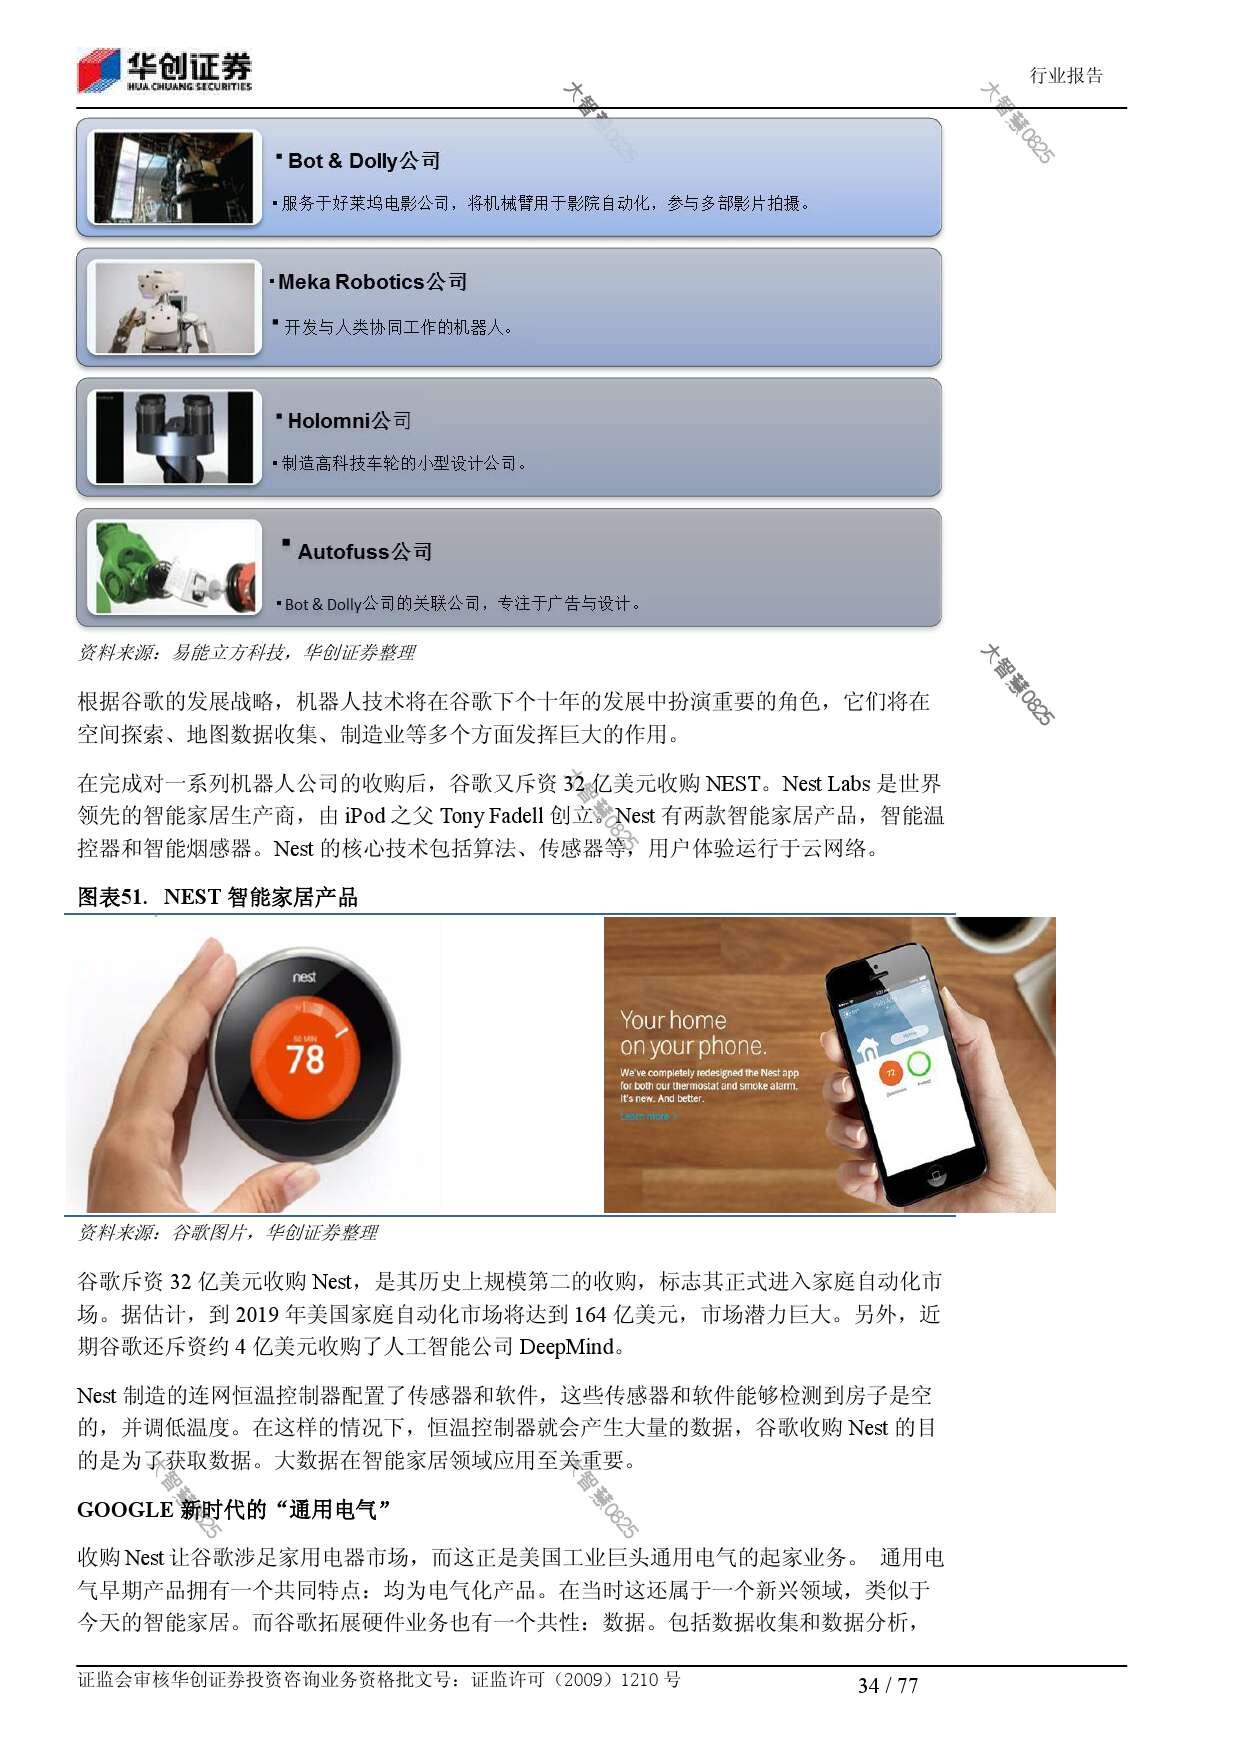 行业研究_华创证券_刘国清,鲁佩_机械设备:机器人大趋势_2014021_000034